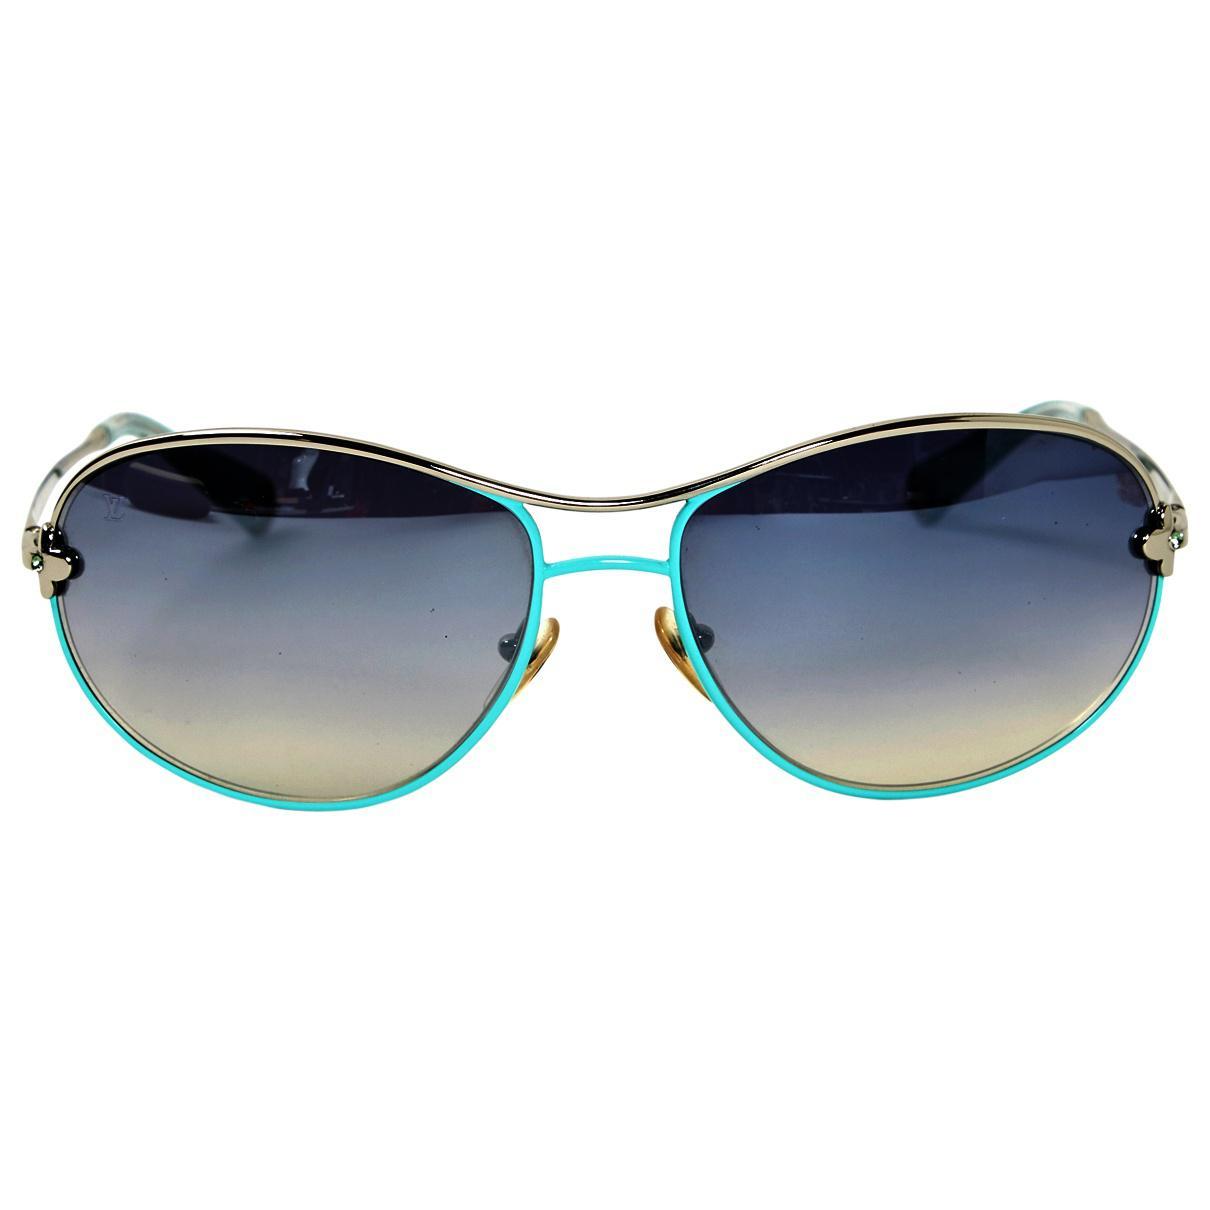 c3d4d84230f Lyst - Lunettes Louis Vuitton en coloris Bleu